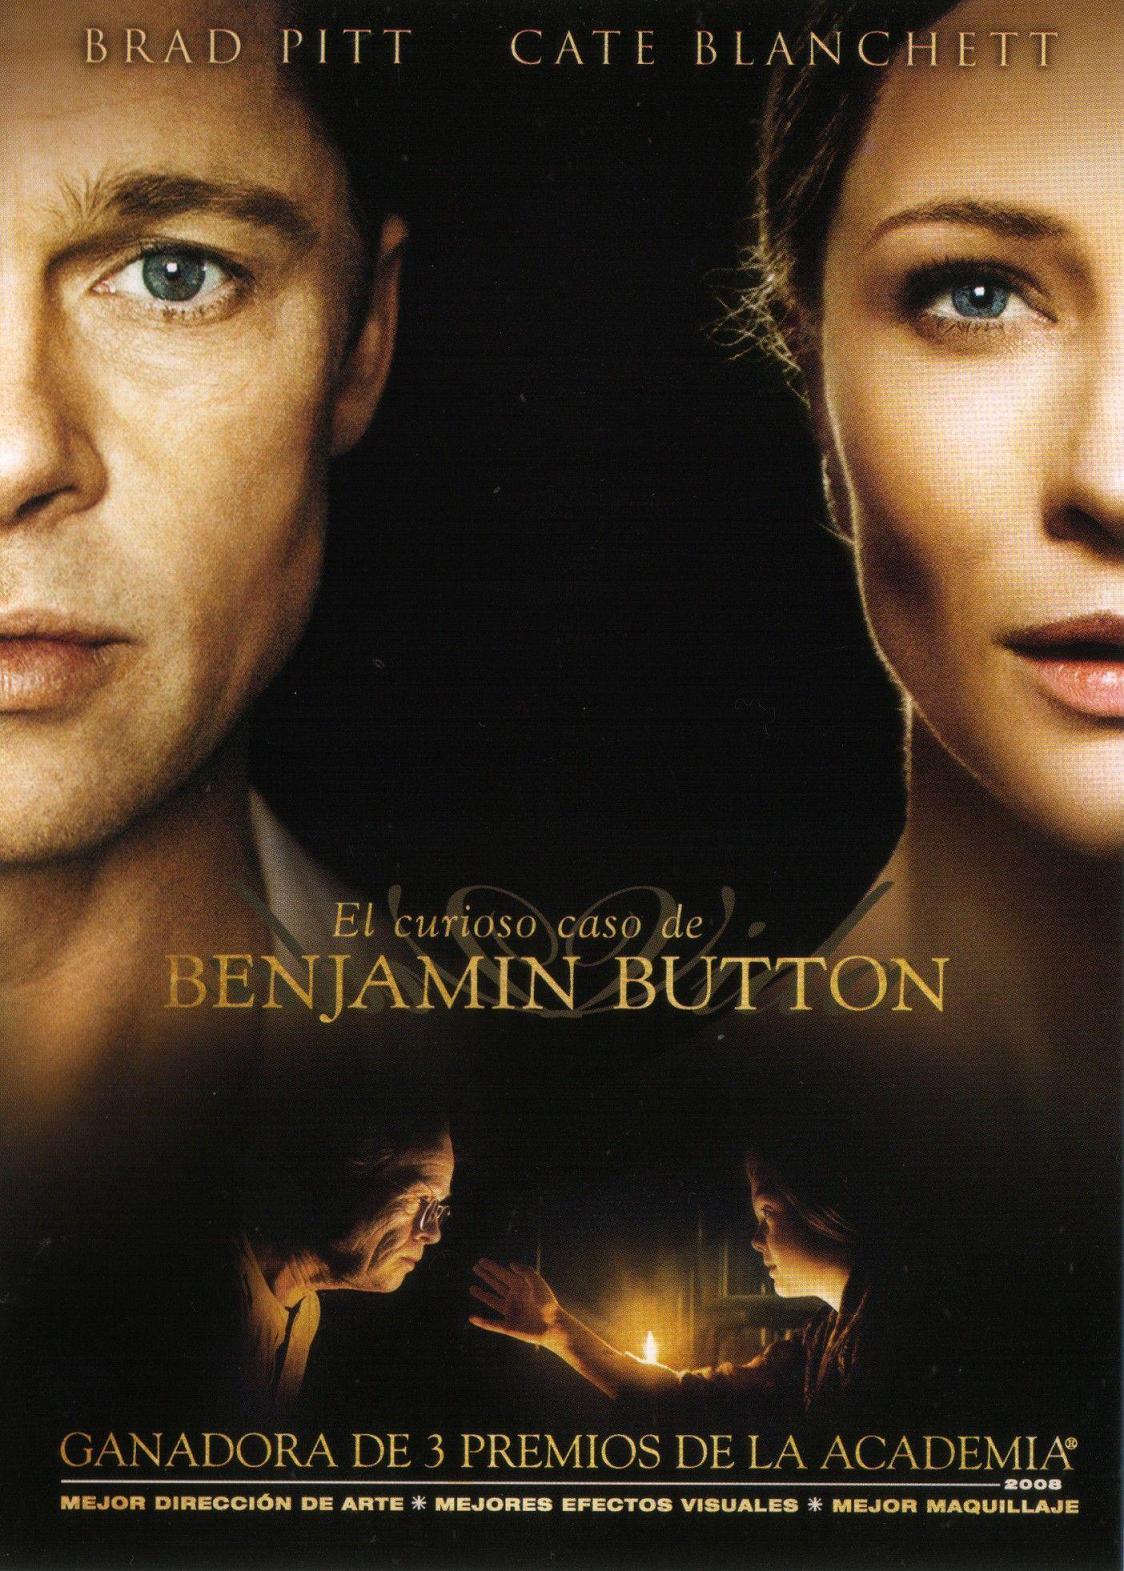 Diez mil excusas el curioso caso de benjamin button - Curioso caso de benjamin button ...